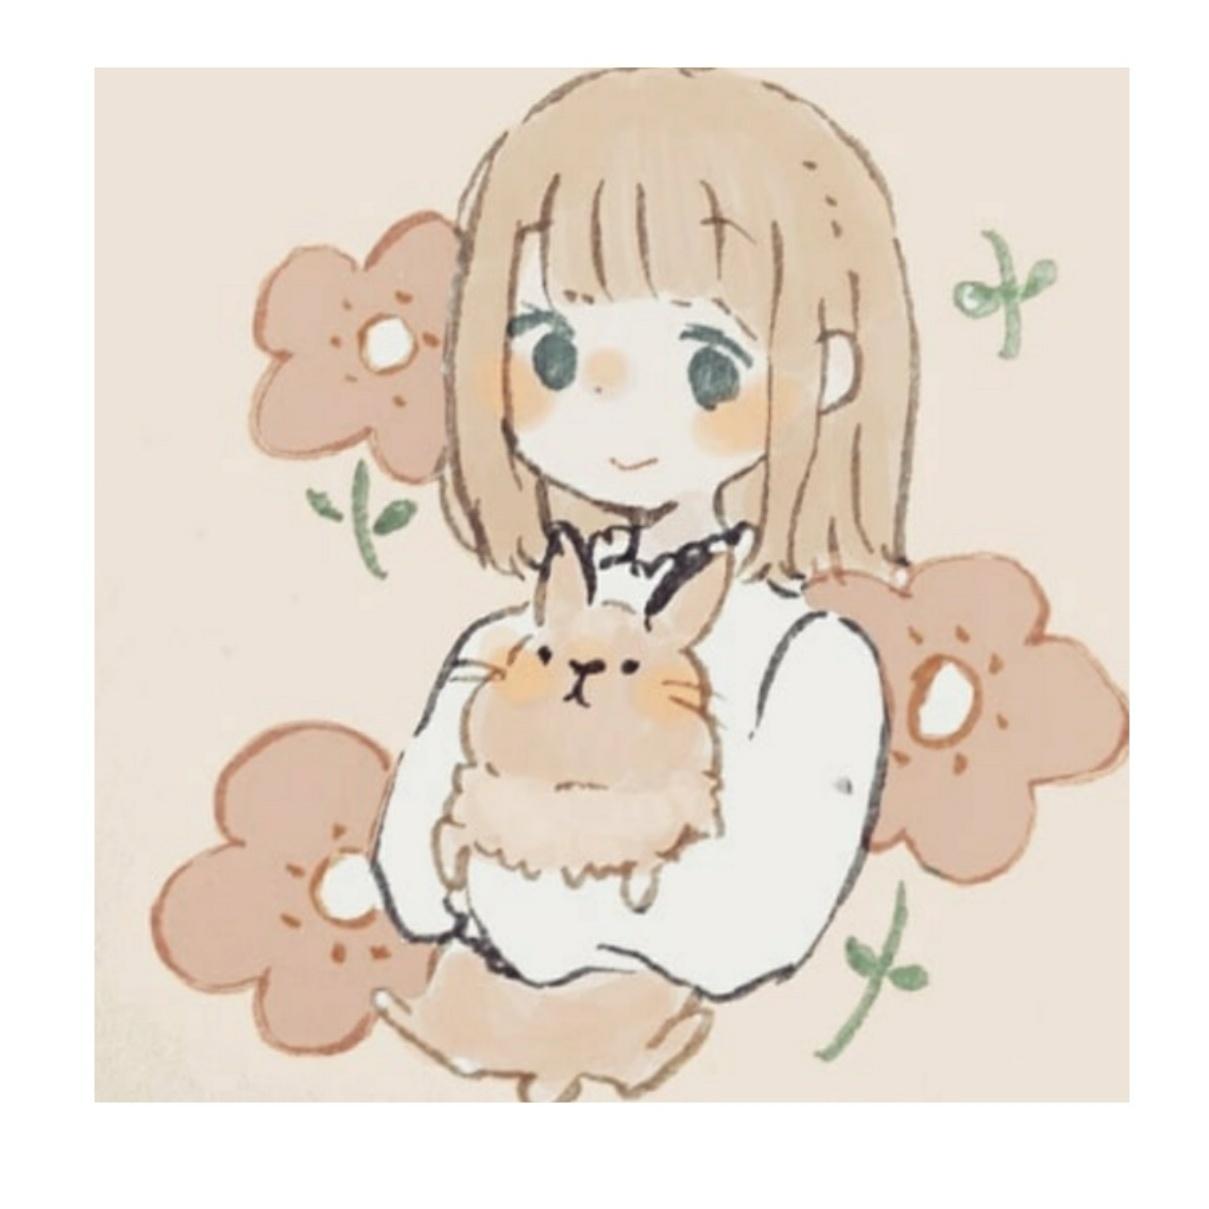 SNSなどで使える動物と女の子のアイコンを書きます 似顔絵やオリキャラ、親子のアイコンなどお受けします。